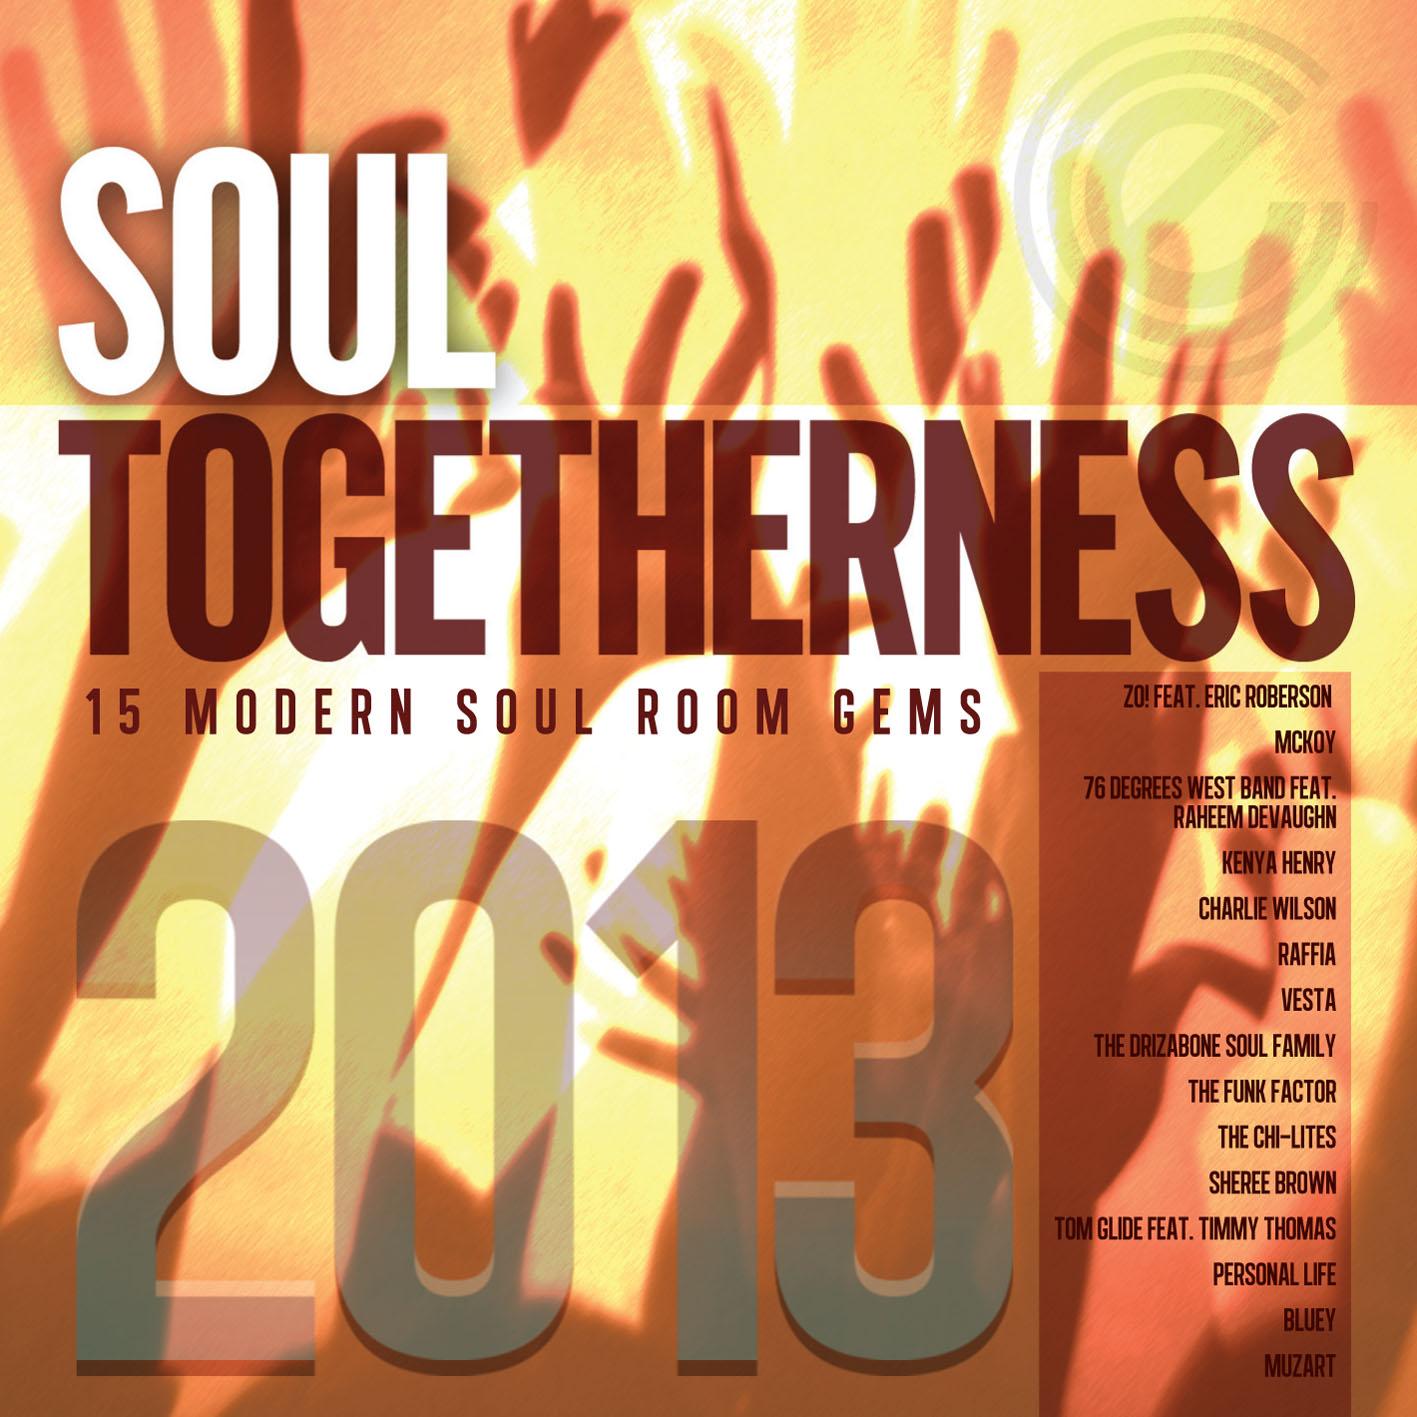 Various/SOUL TOGETHERNESS 2013 DLP